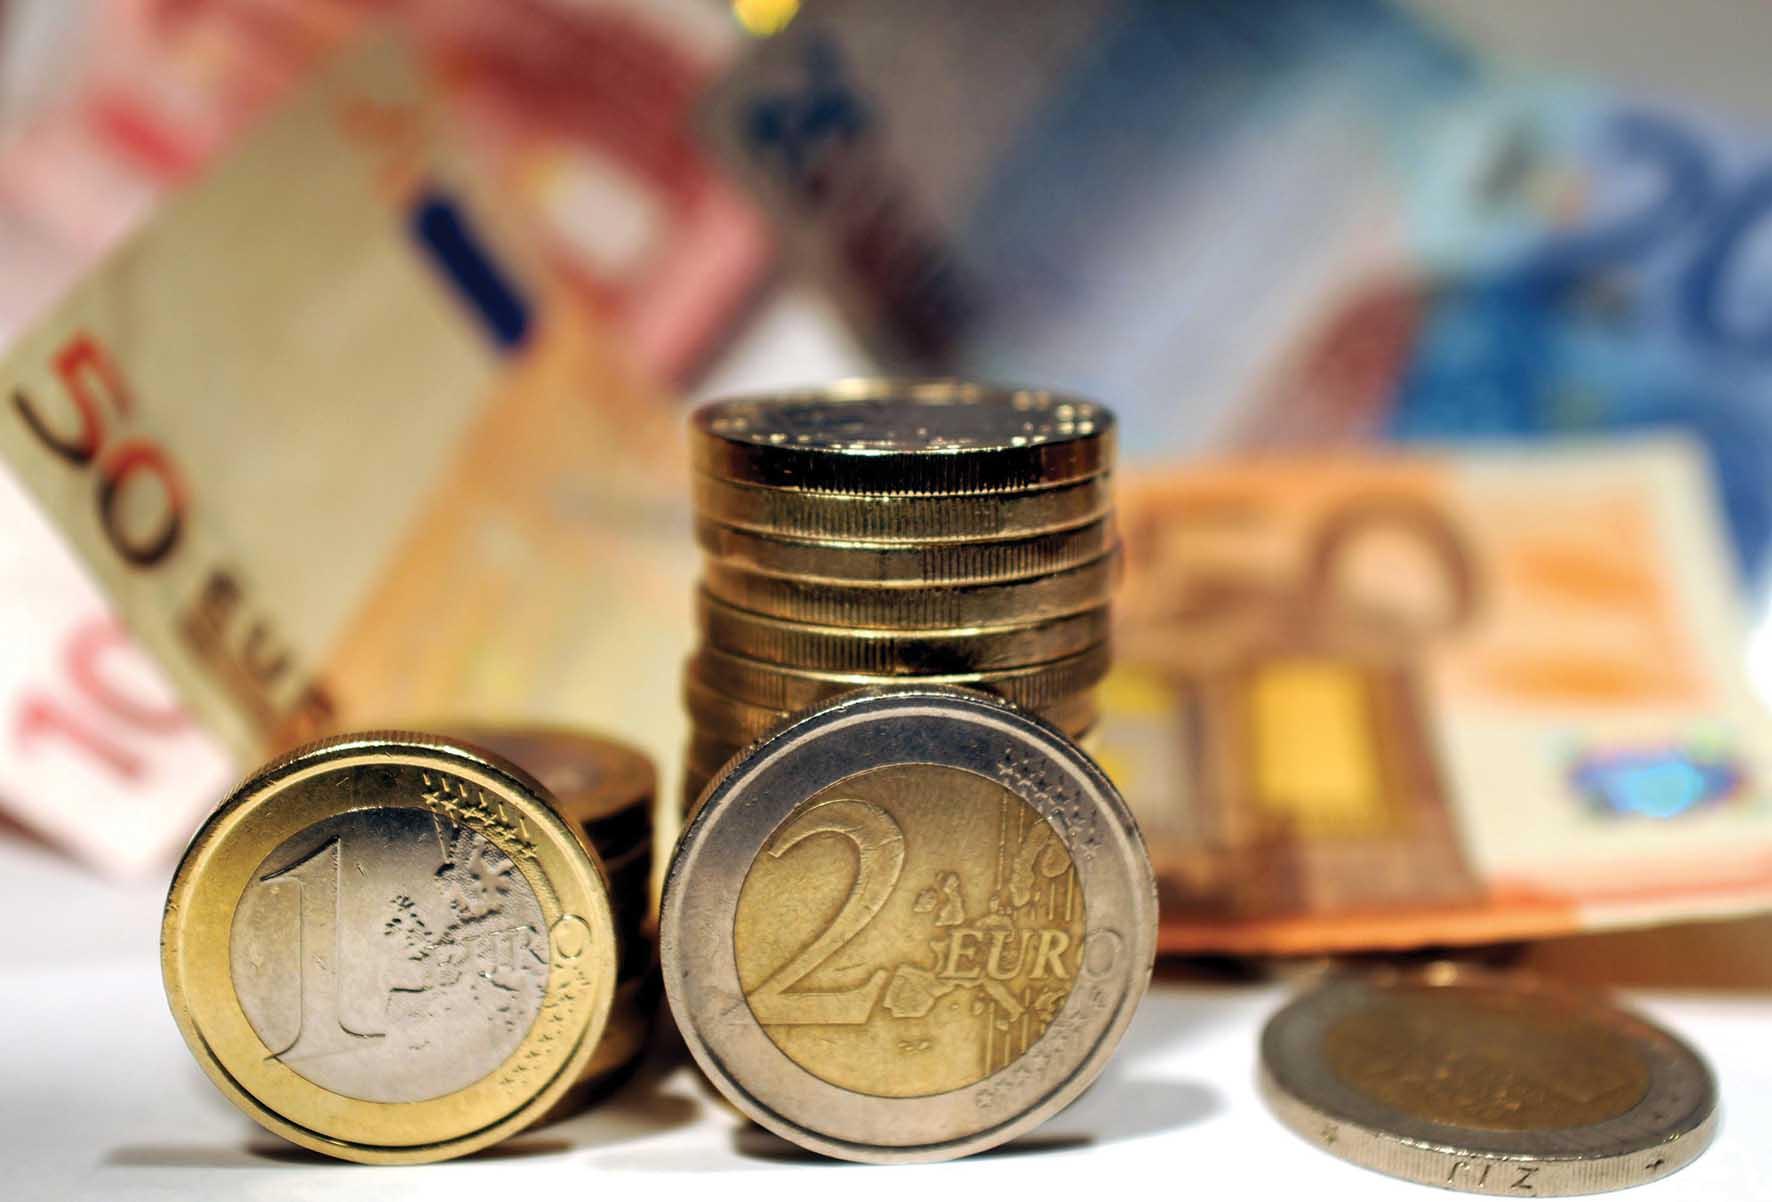 euro soldi monete 2